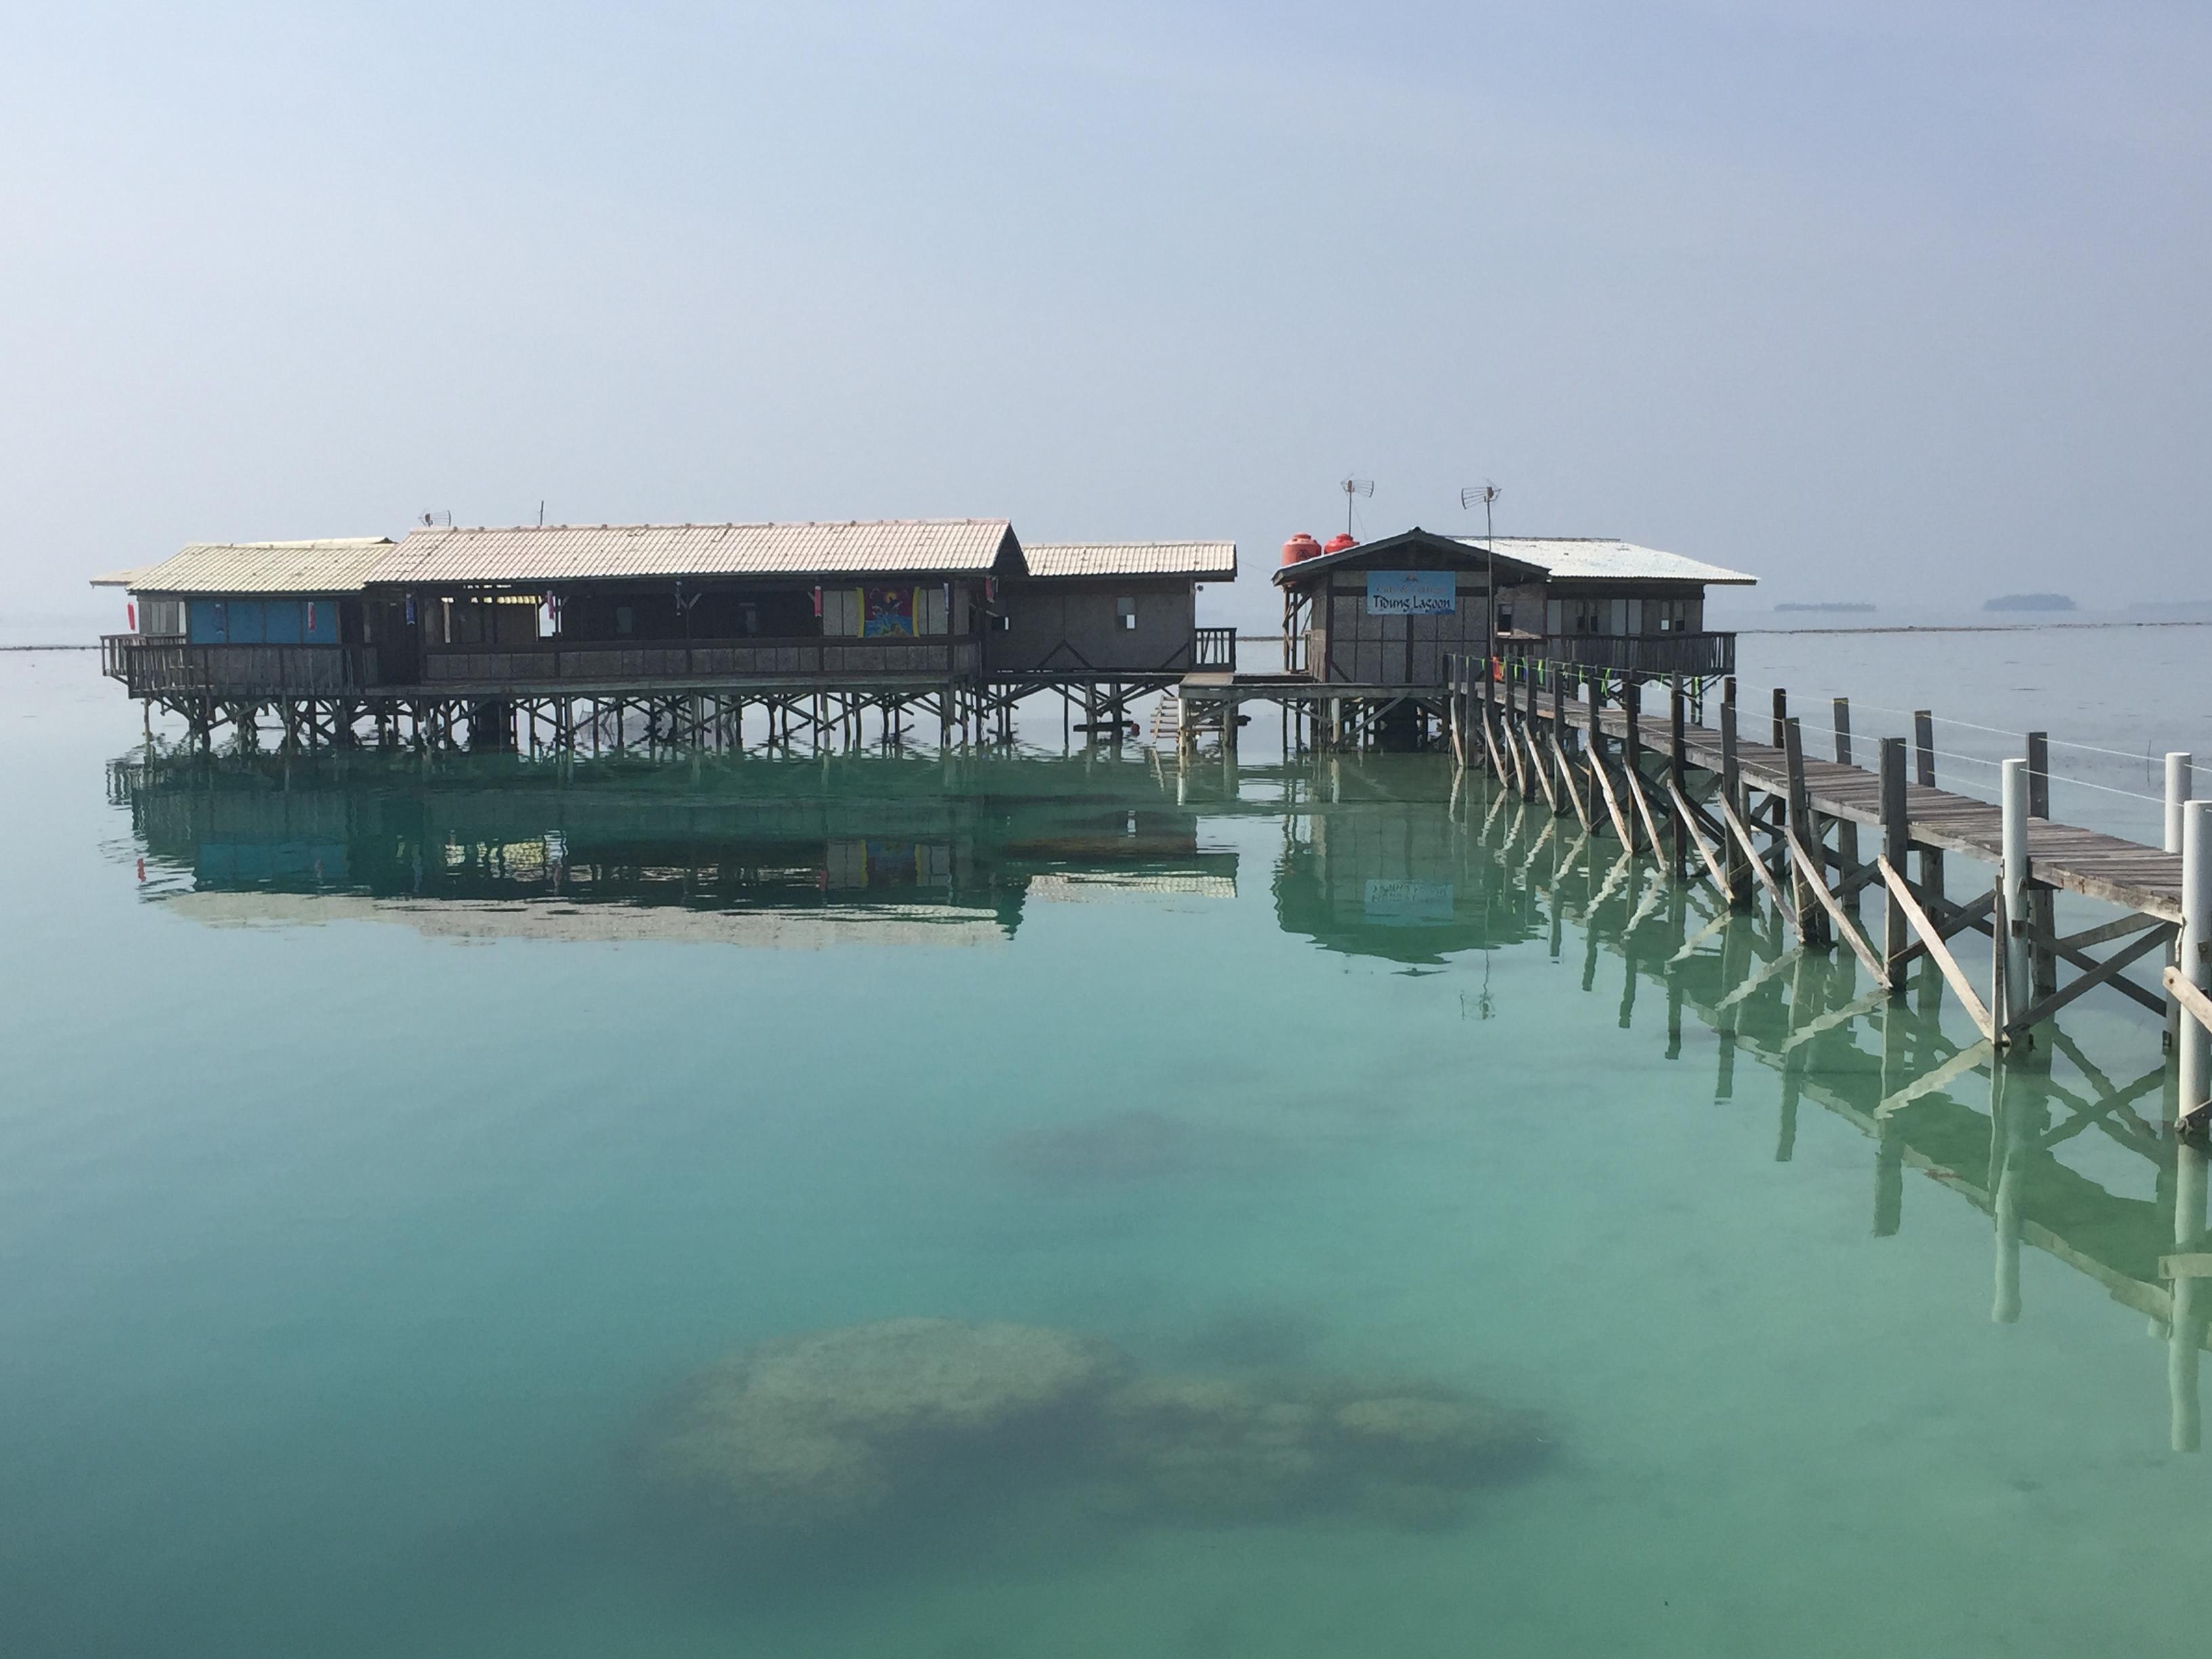 Laut yang tenan di Lagoon